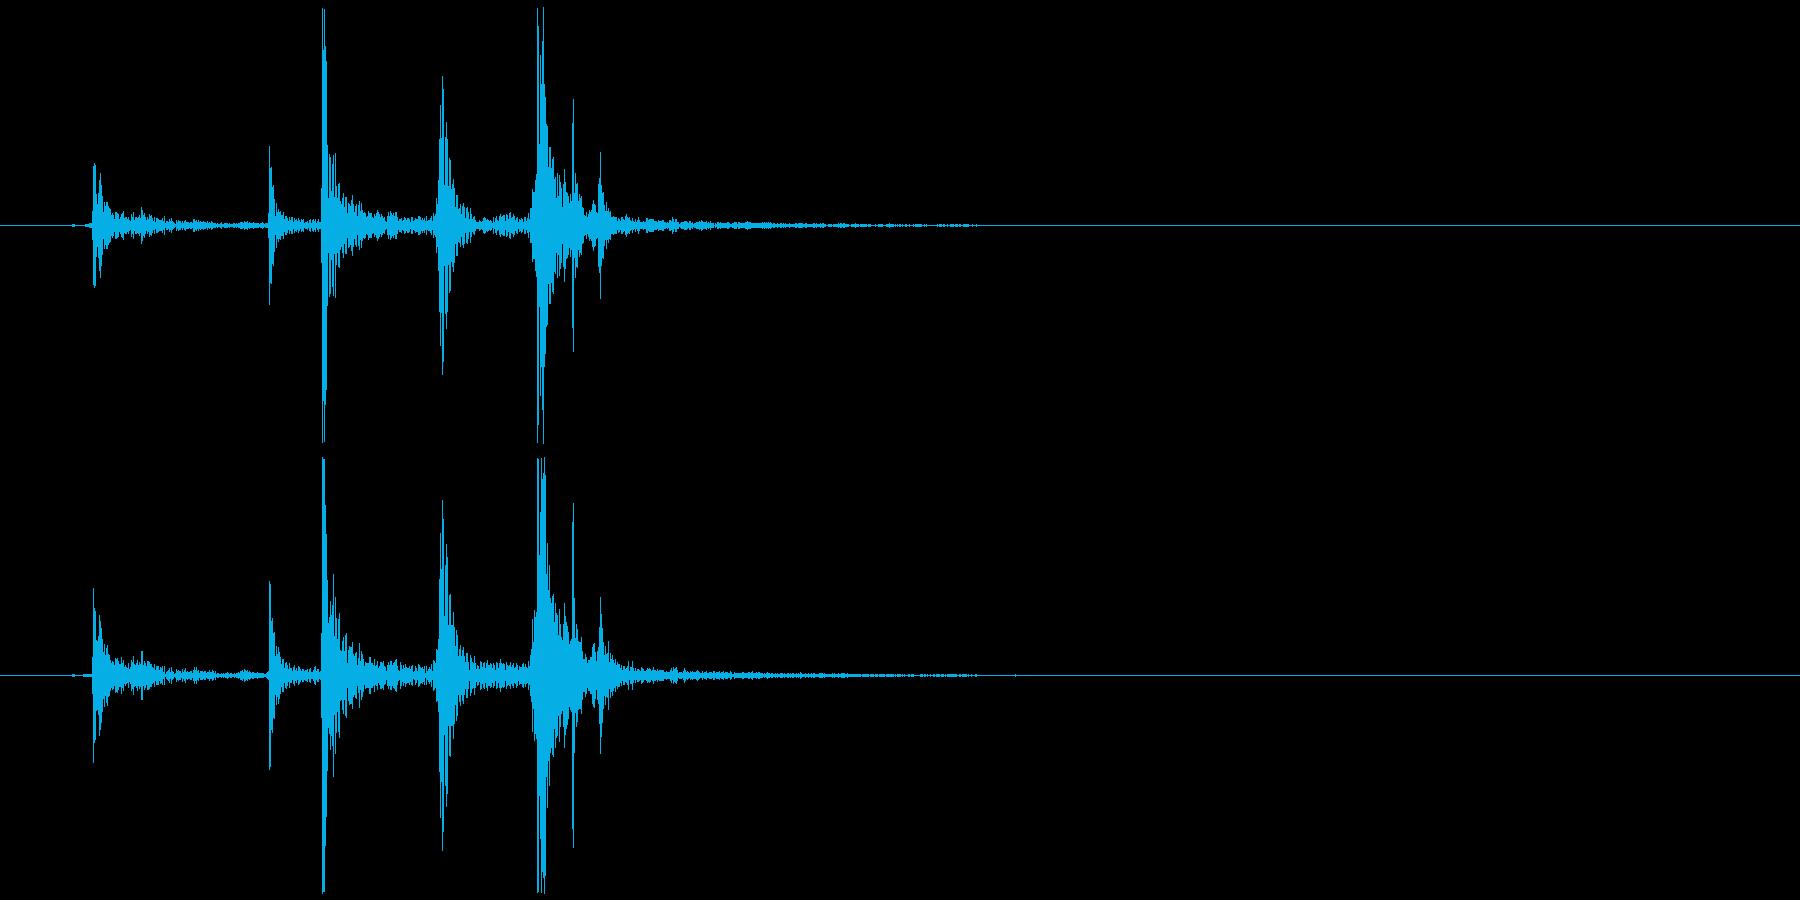 ガチャガチャのカプセル開閉音 カパッの再生済みの波形